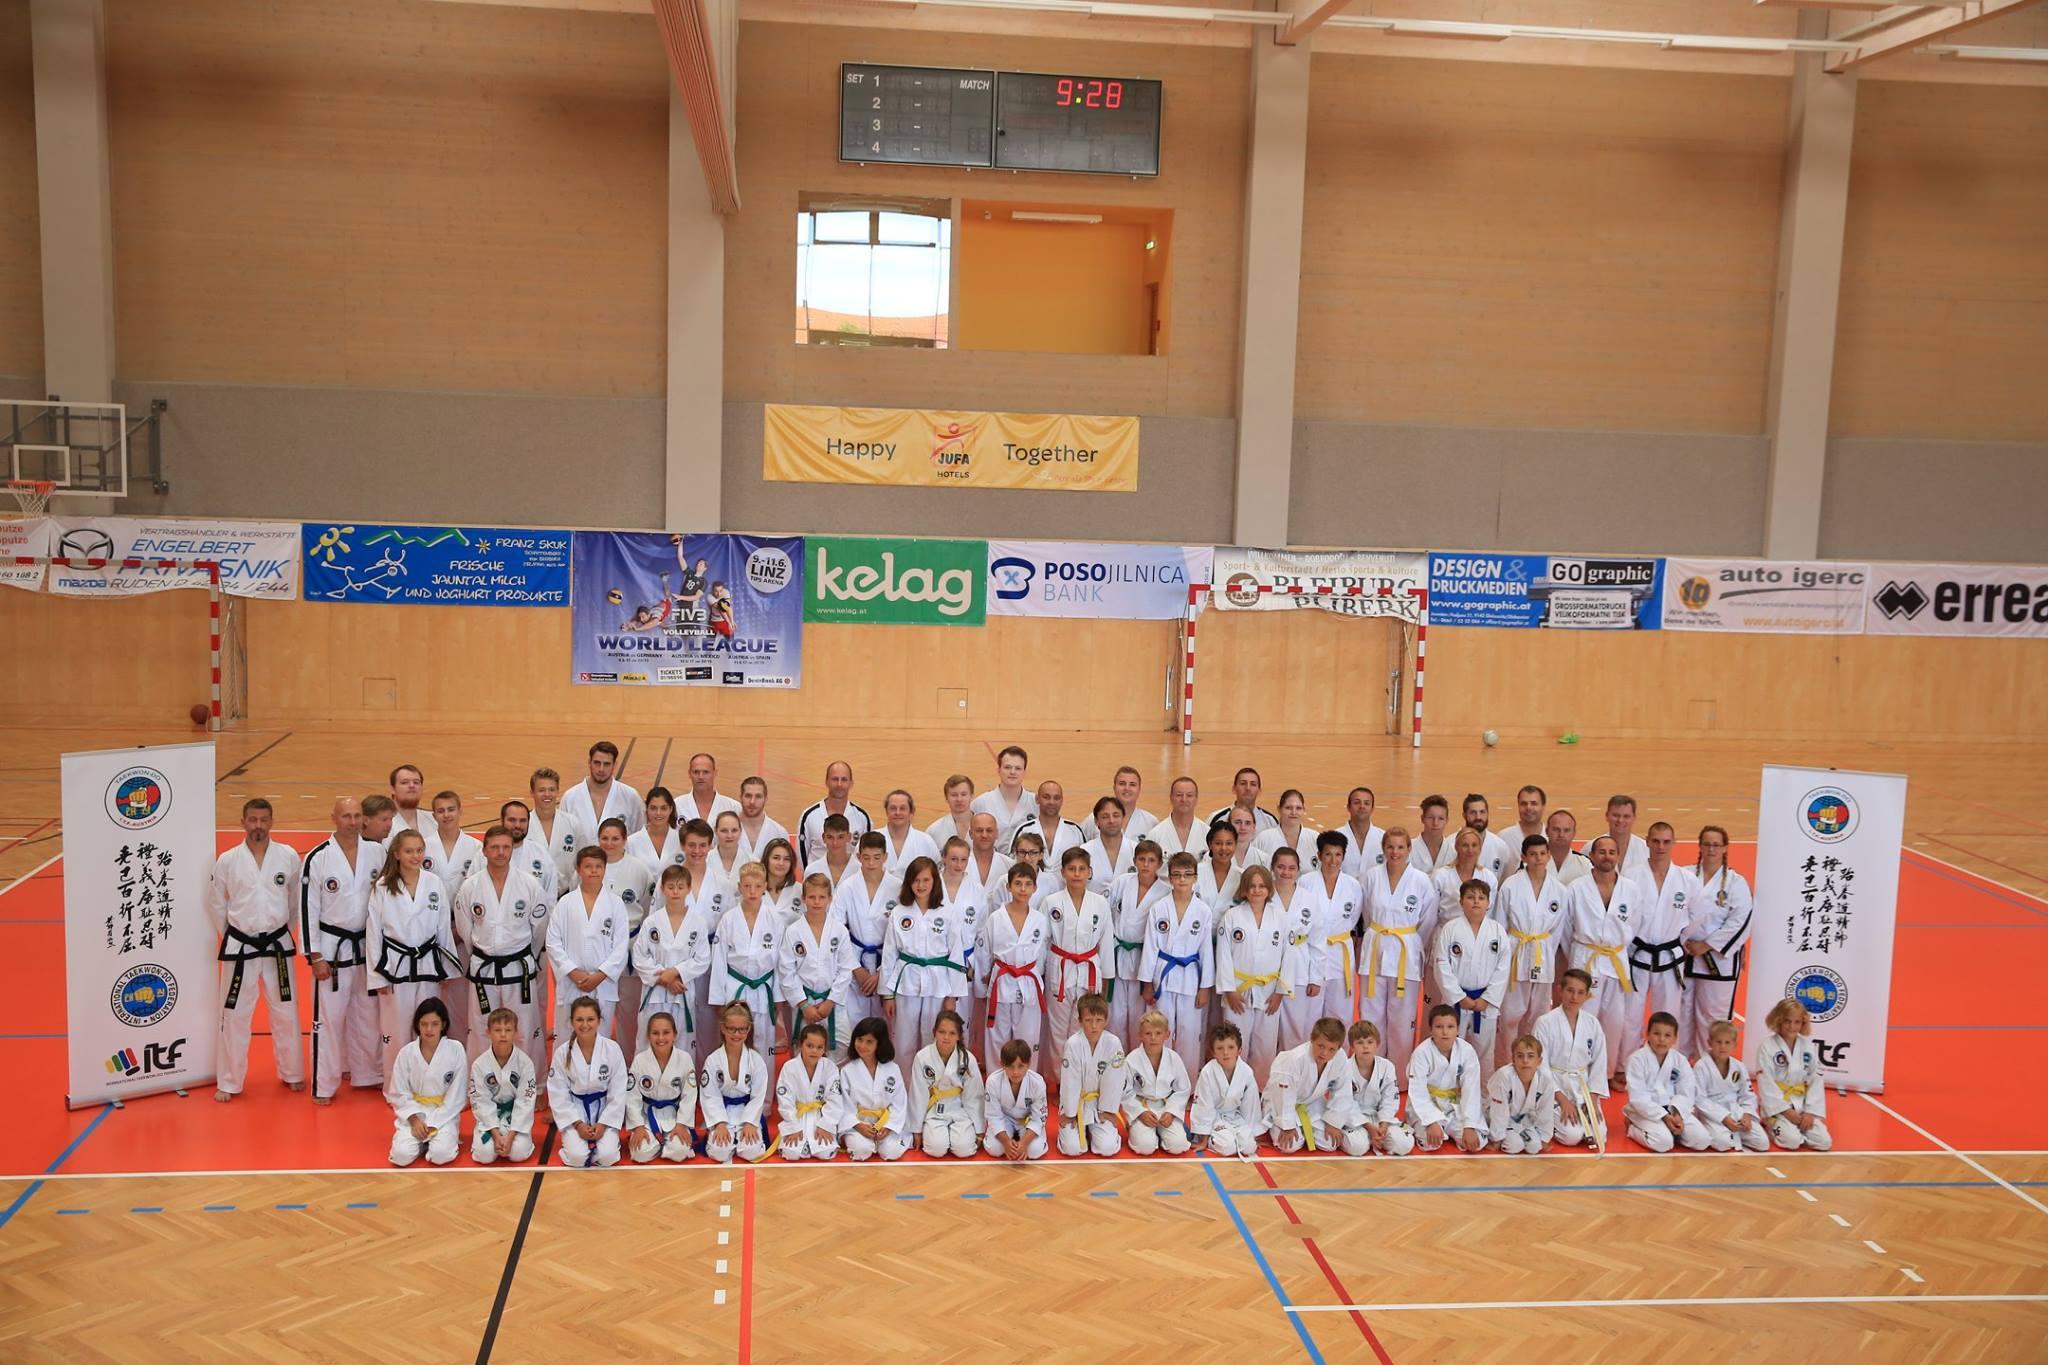 Teilnehmer am Camp 2017 in Kärnten/Bleiburg